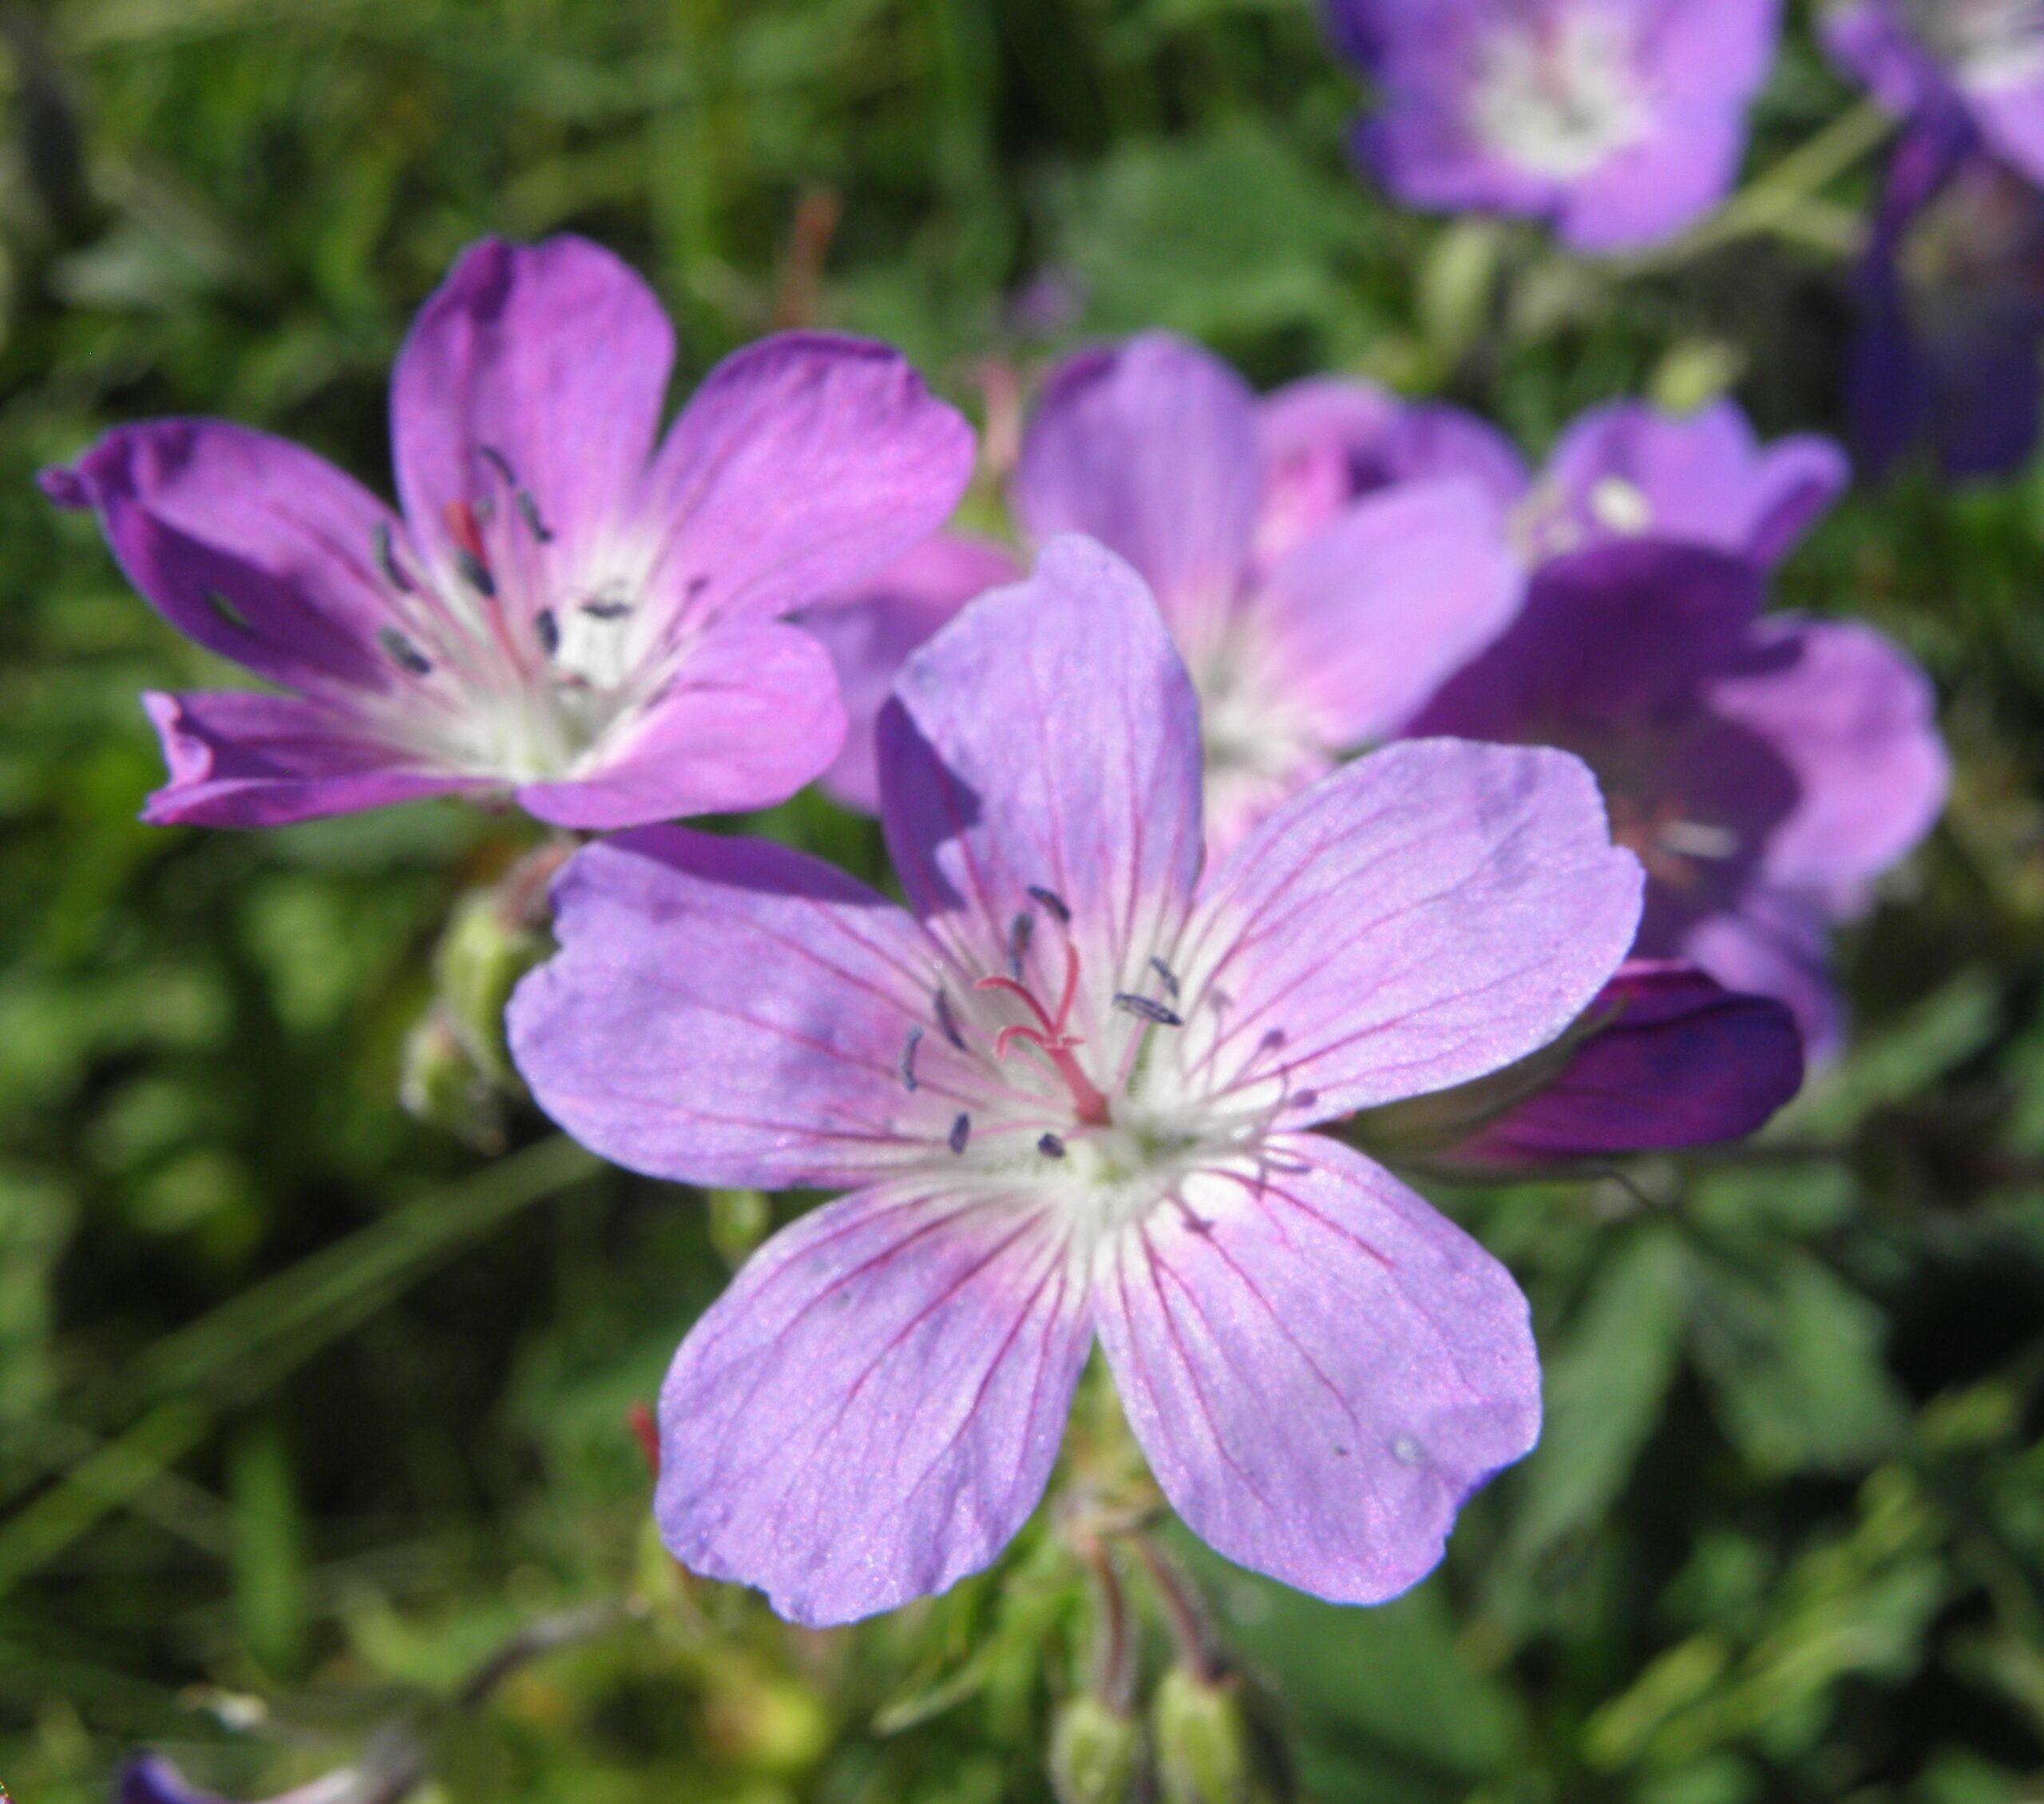 violette Blüten des Wiesenstorchschnabel. Das Fruchtblatt der Blüte erinnert an den langen Schnabel eines torches und gibt der Pflanze ihren Namen